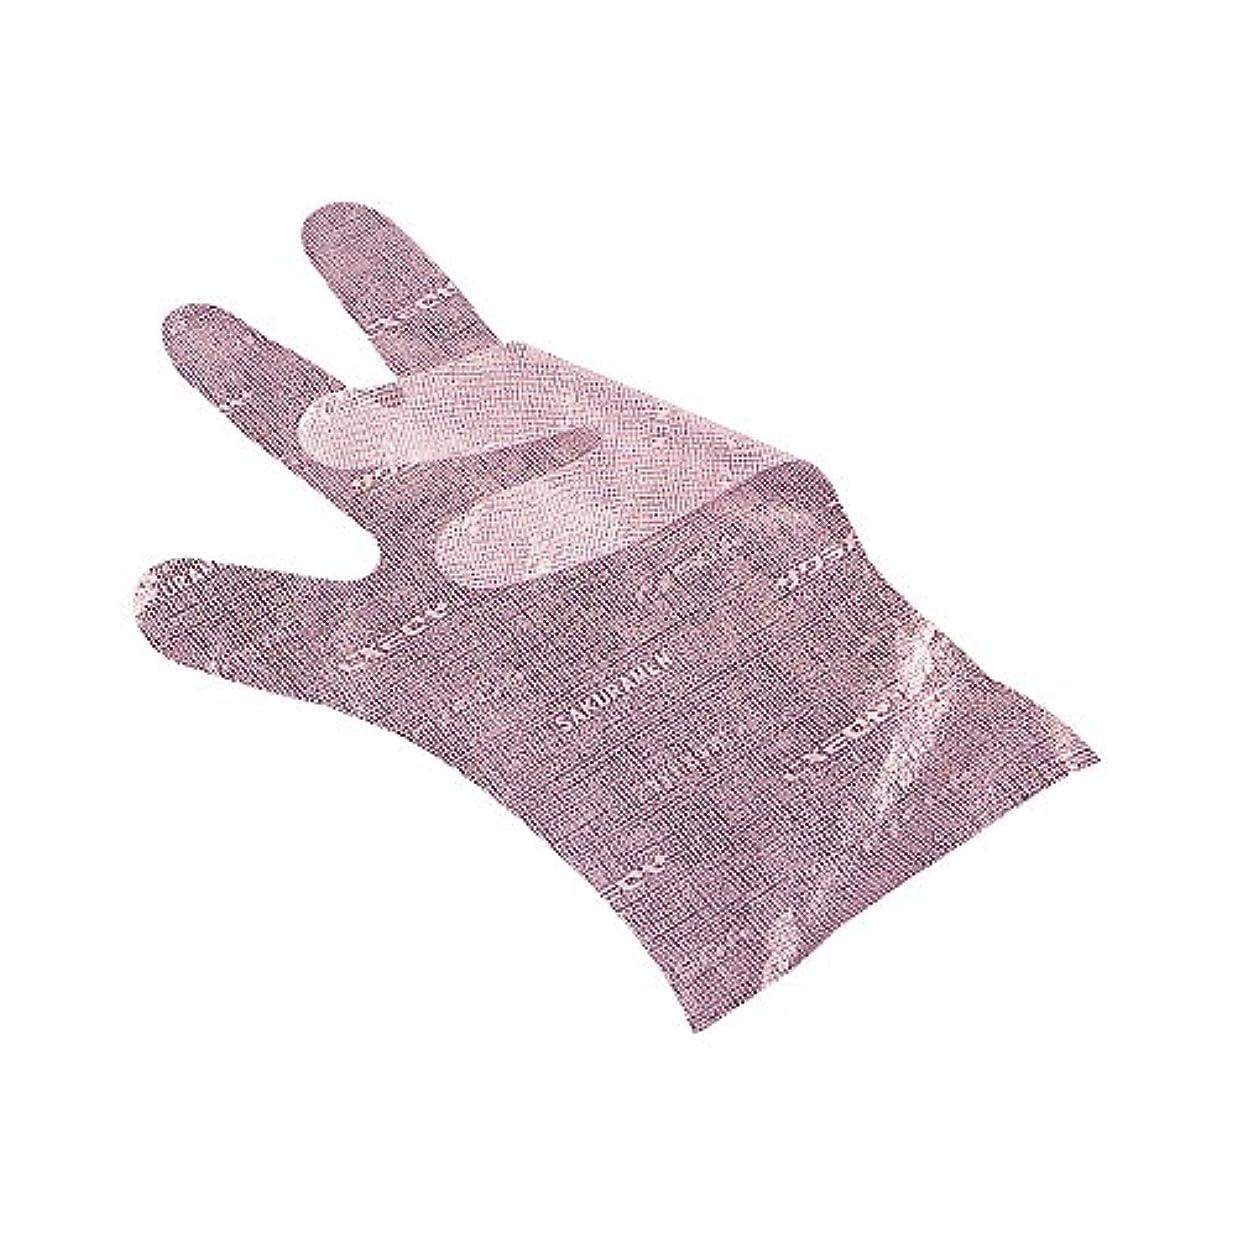 剛性前方へ役に立たないサクラメンエンボス手袋 デラックス ピンク S 100枚入